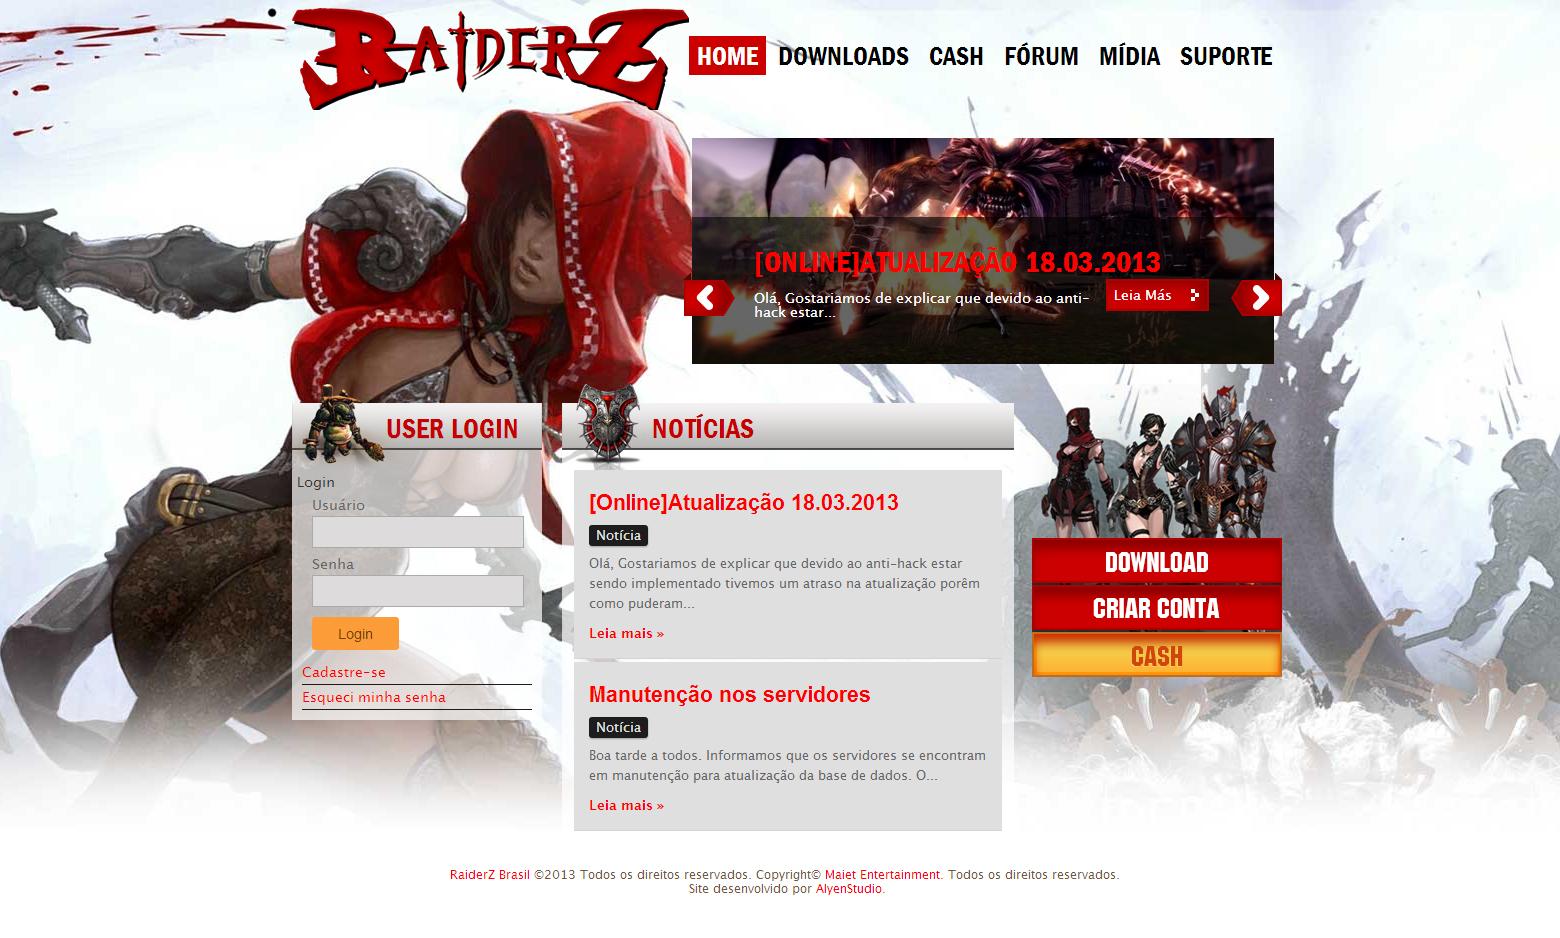 Criação do Site Raiderz Brasil